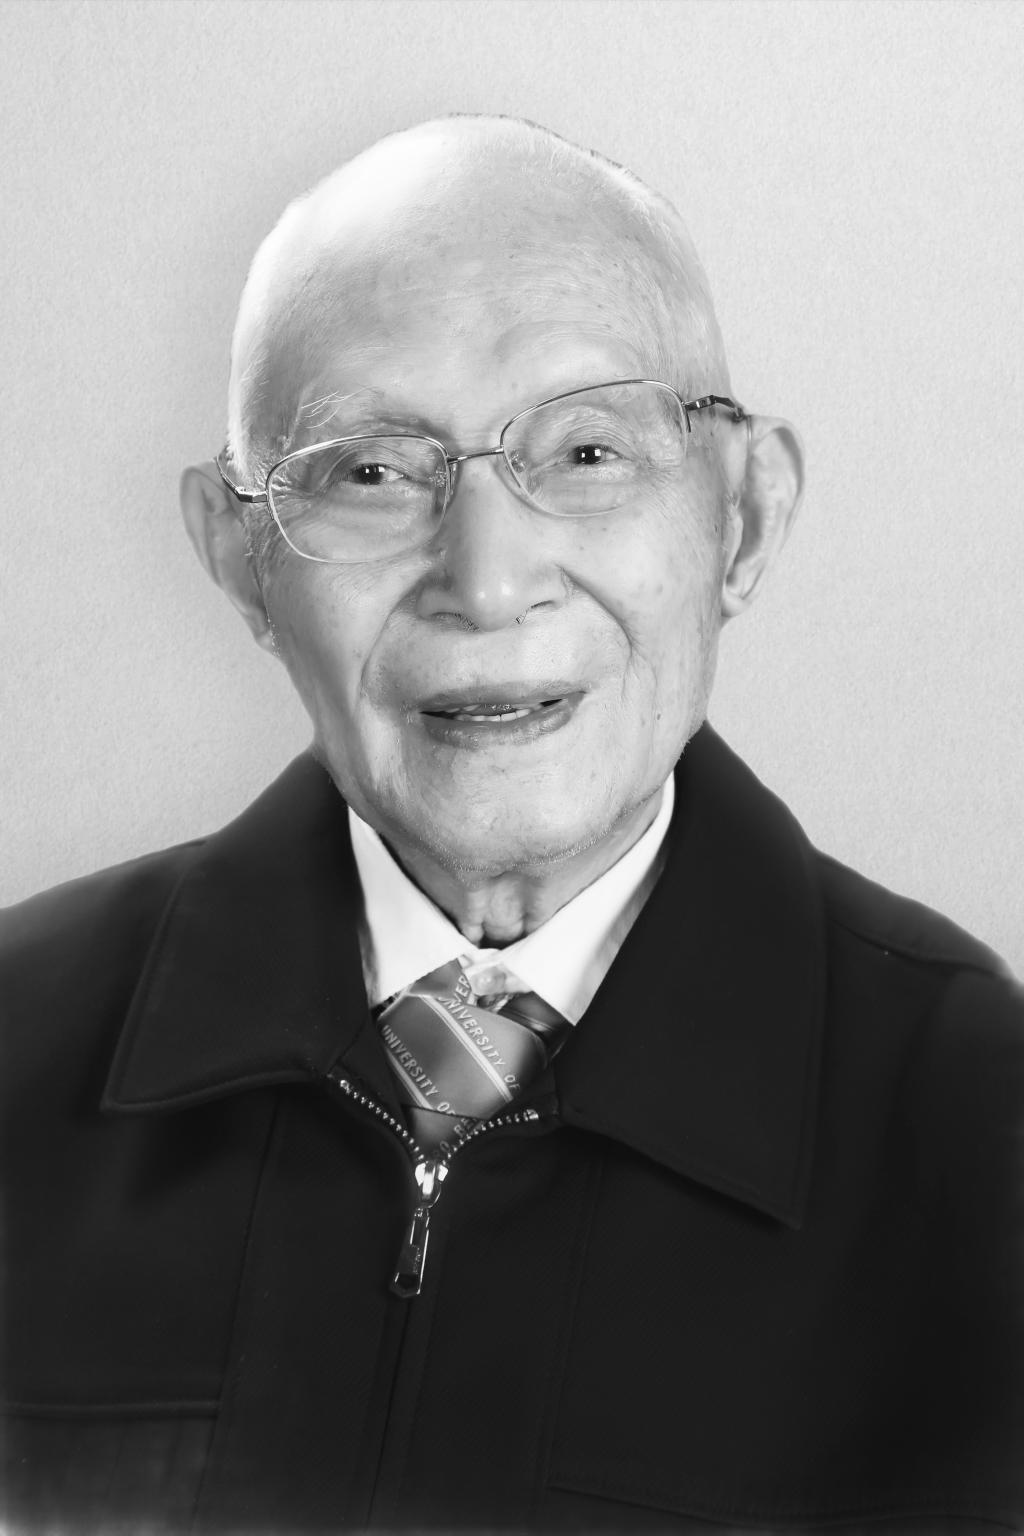 61年前他研制出我国首架无人机 在今年国庆当日逝世